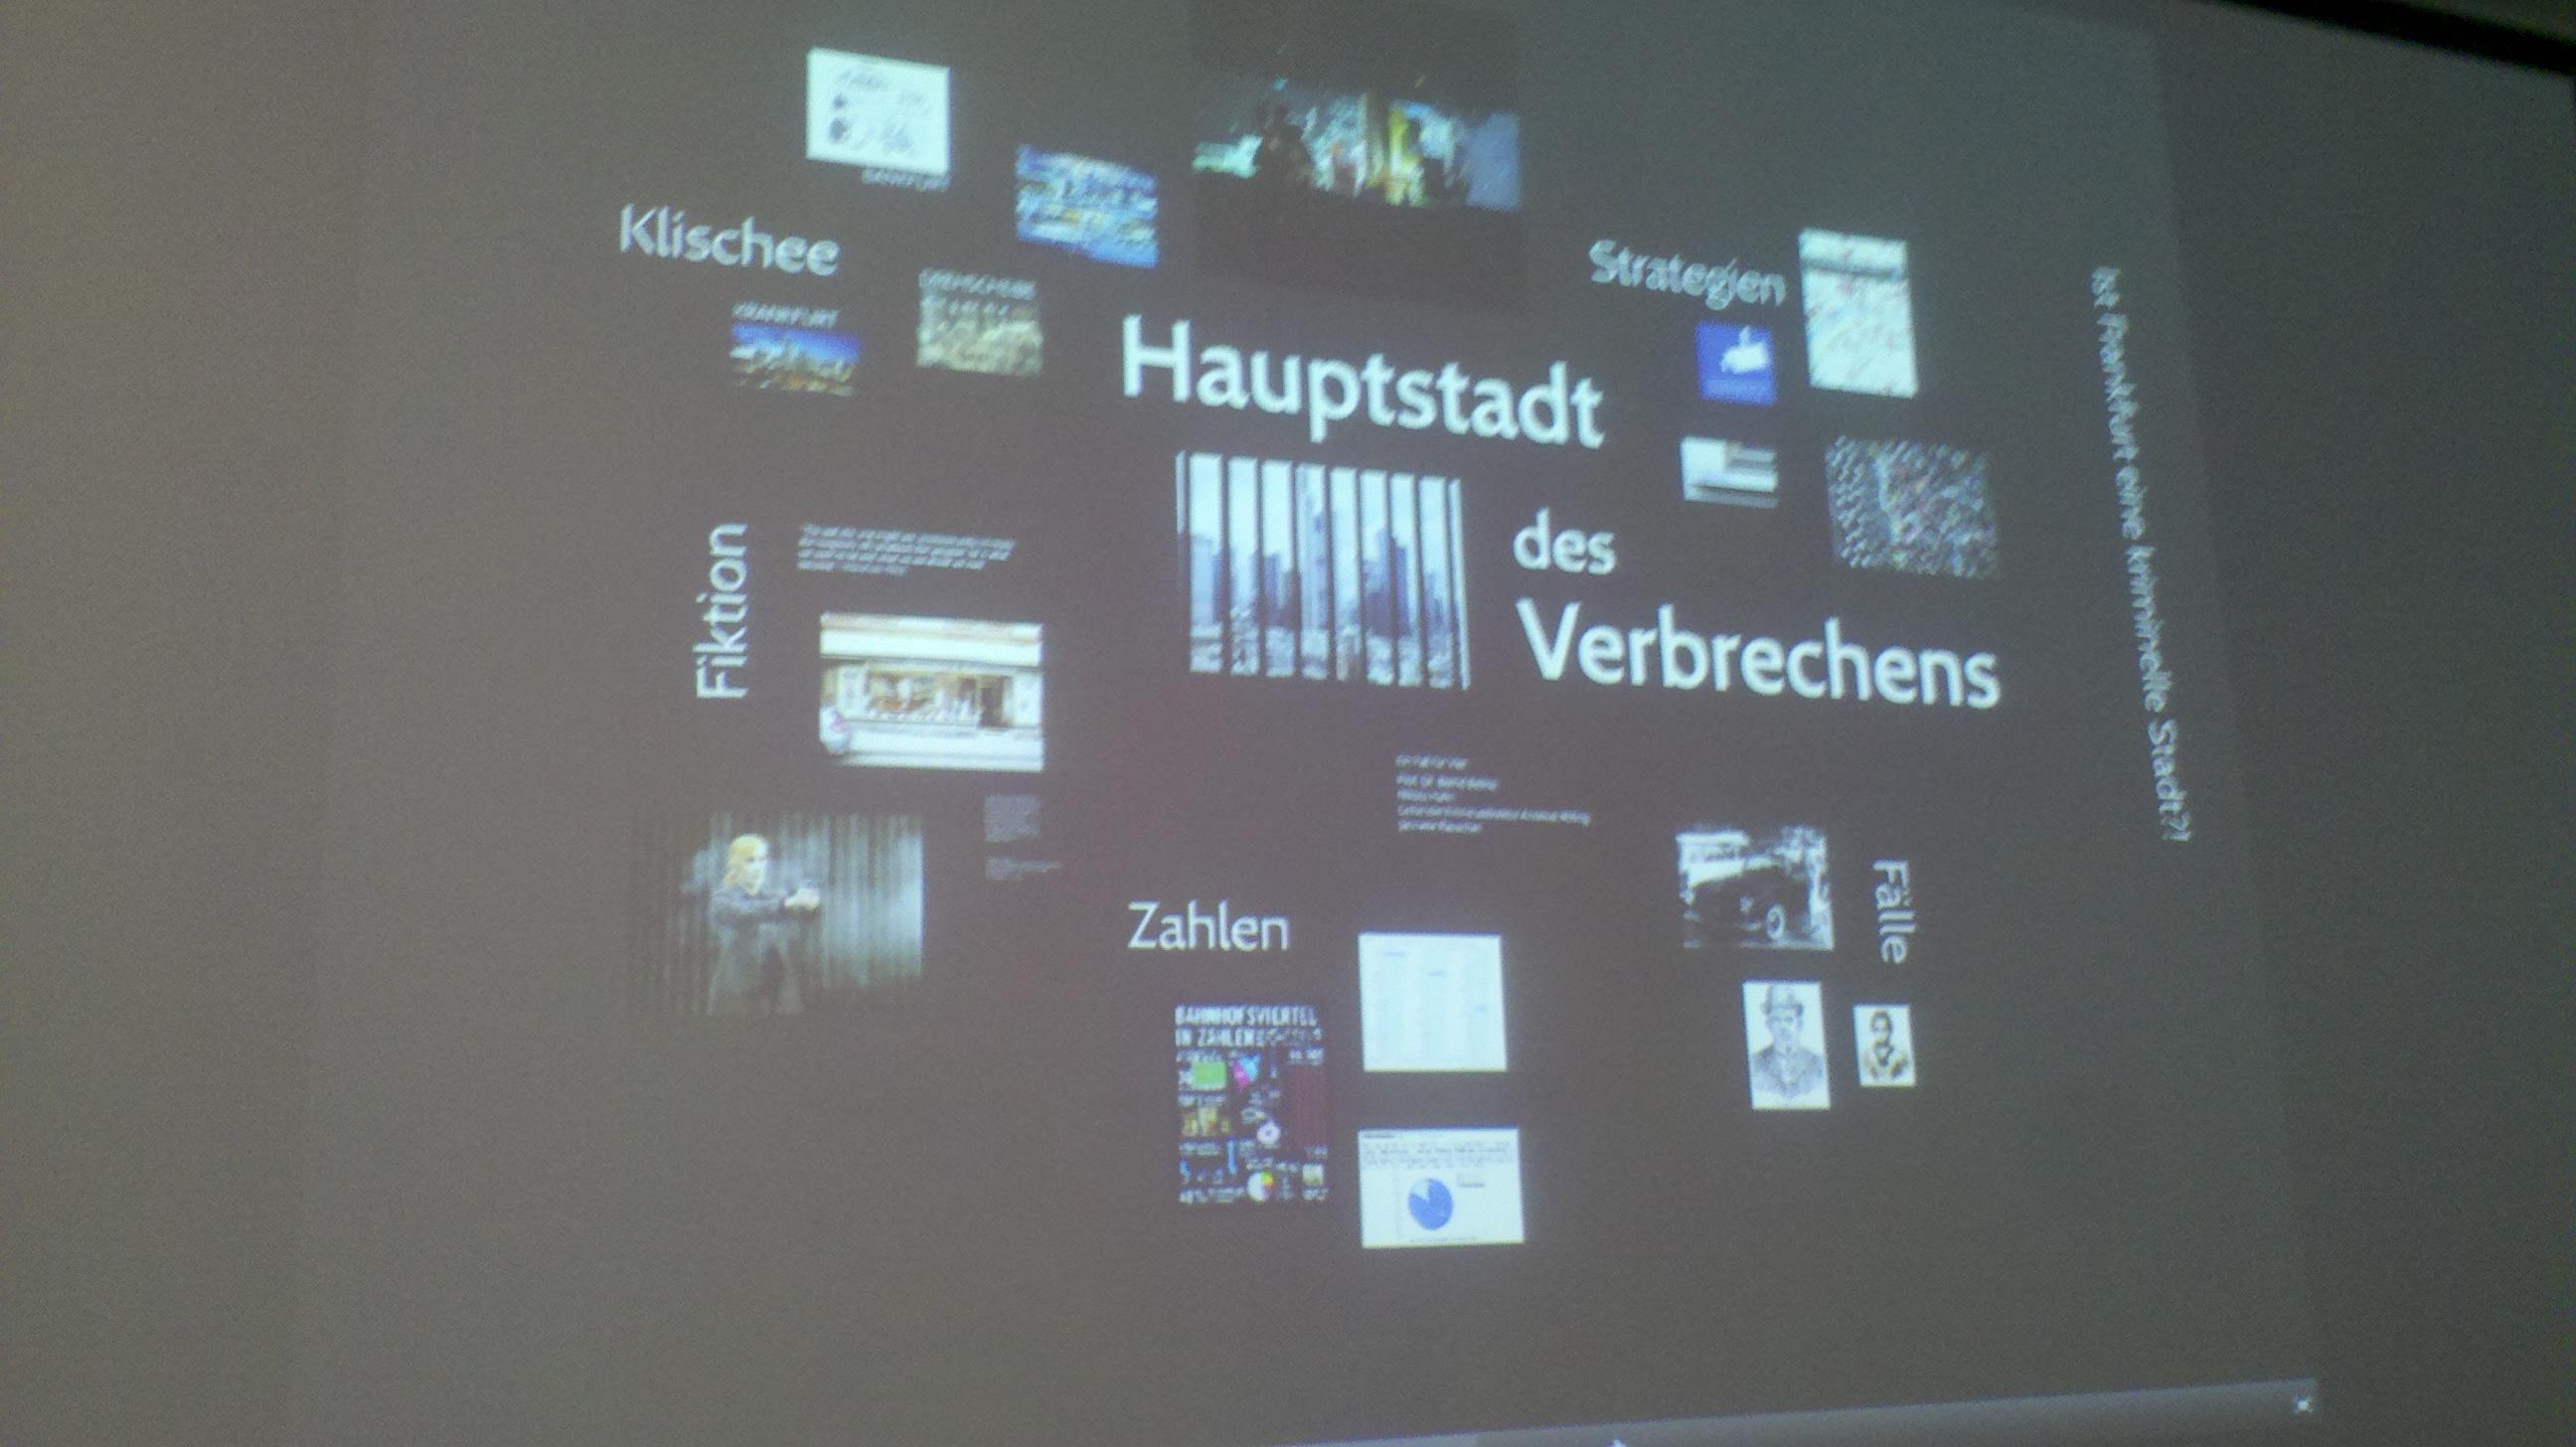 historisches museum frankfurt: Hauptstadt des Verbrechens